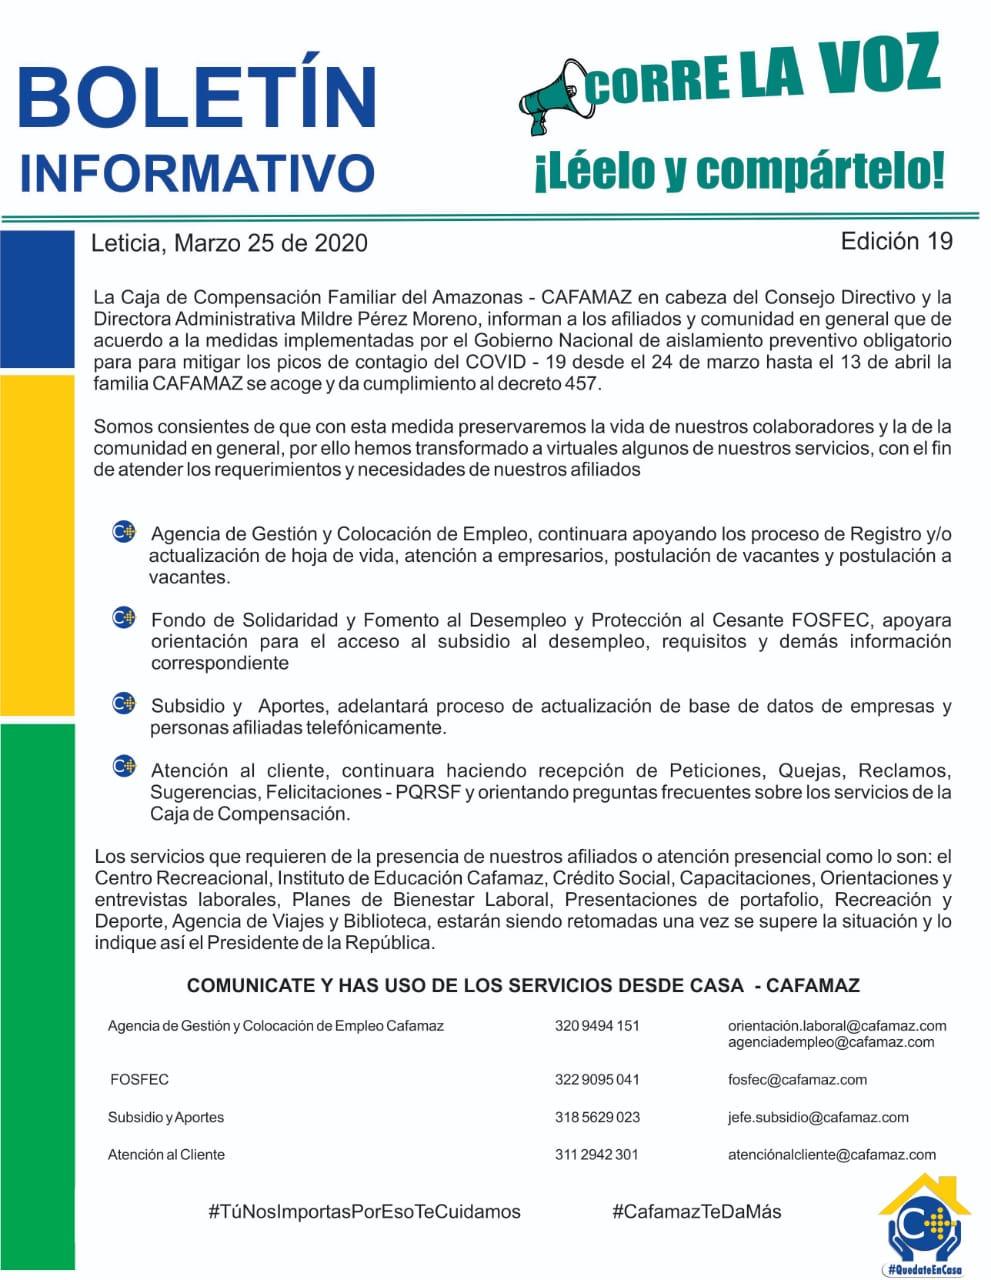 Boletín Informativo Edición 19 – SERVICIOS VIRTUALES | Cafamaz, 2020